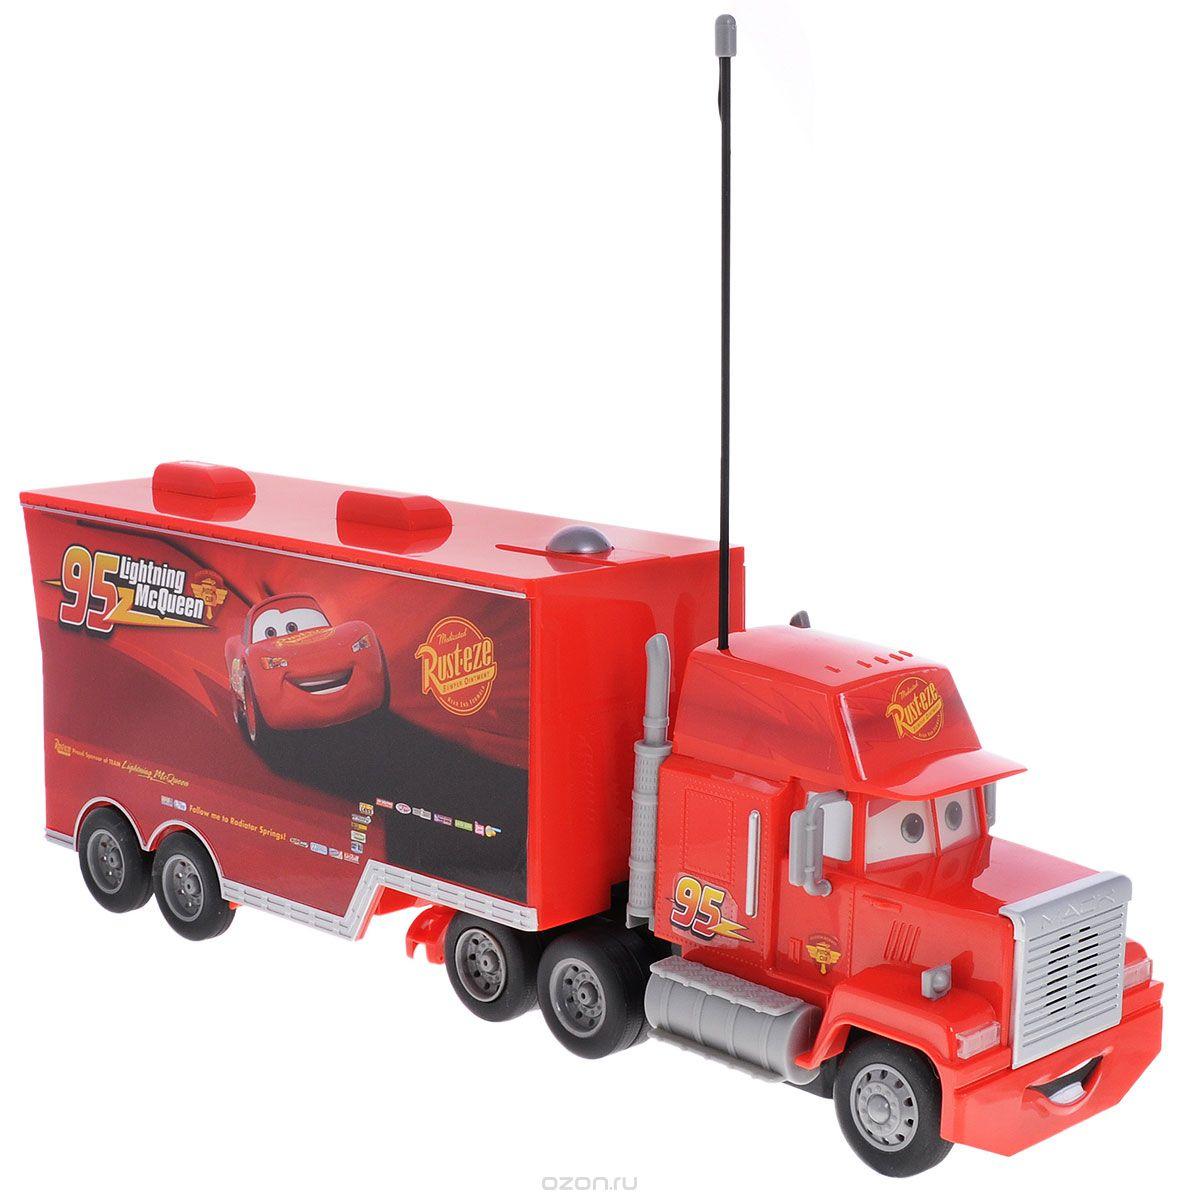 """Машина с дистанционным управлением Cars """"Мак Трак"""" со световыми и звуковыми эффектами непременно понравится вашему ребенку. Машина выполнена из безопасного пластика в виде грузовика Мака - персонажа мультфильма """"Тачки"""". Машина ездит по поверхности, управляемая пультом. Также она оснащена большим прицепным фургоном, в который легко помещаются автомобили Dickie из серии Cars. В комплект входят машина, пульт управления и инструкция по эксплуатации на русском языке. Игрушки на радиоуправлении помогают ребенку не только весело проводить свое свободное время, но и развивать внимание и концентрацию. Порадуйте его таким замечательным подарком! Пульт управления работает от 3 батареек ААА, машина работает от 3 батареек АА (не входят в комплект)."""